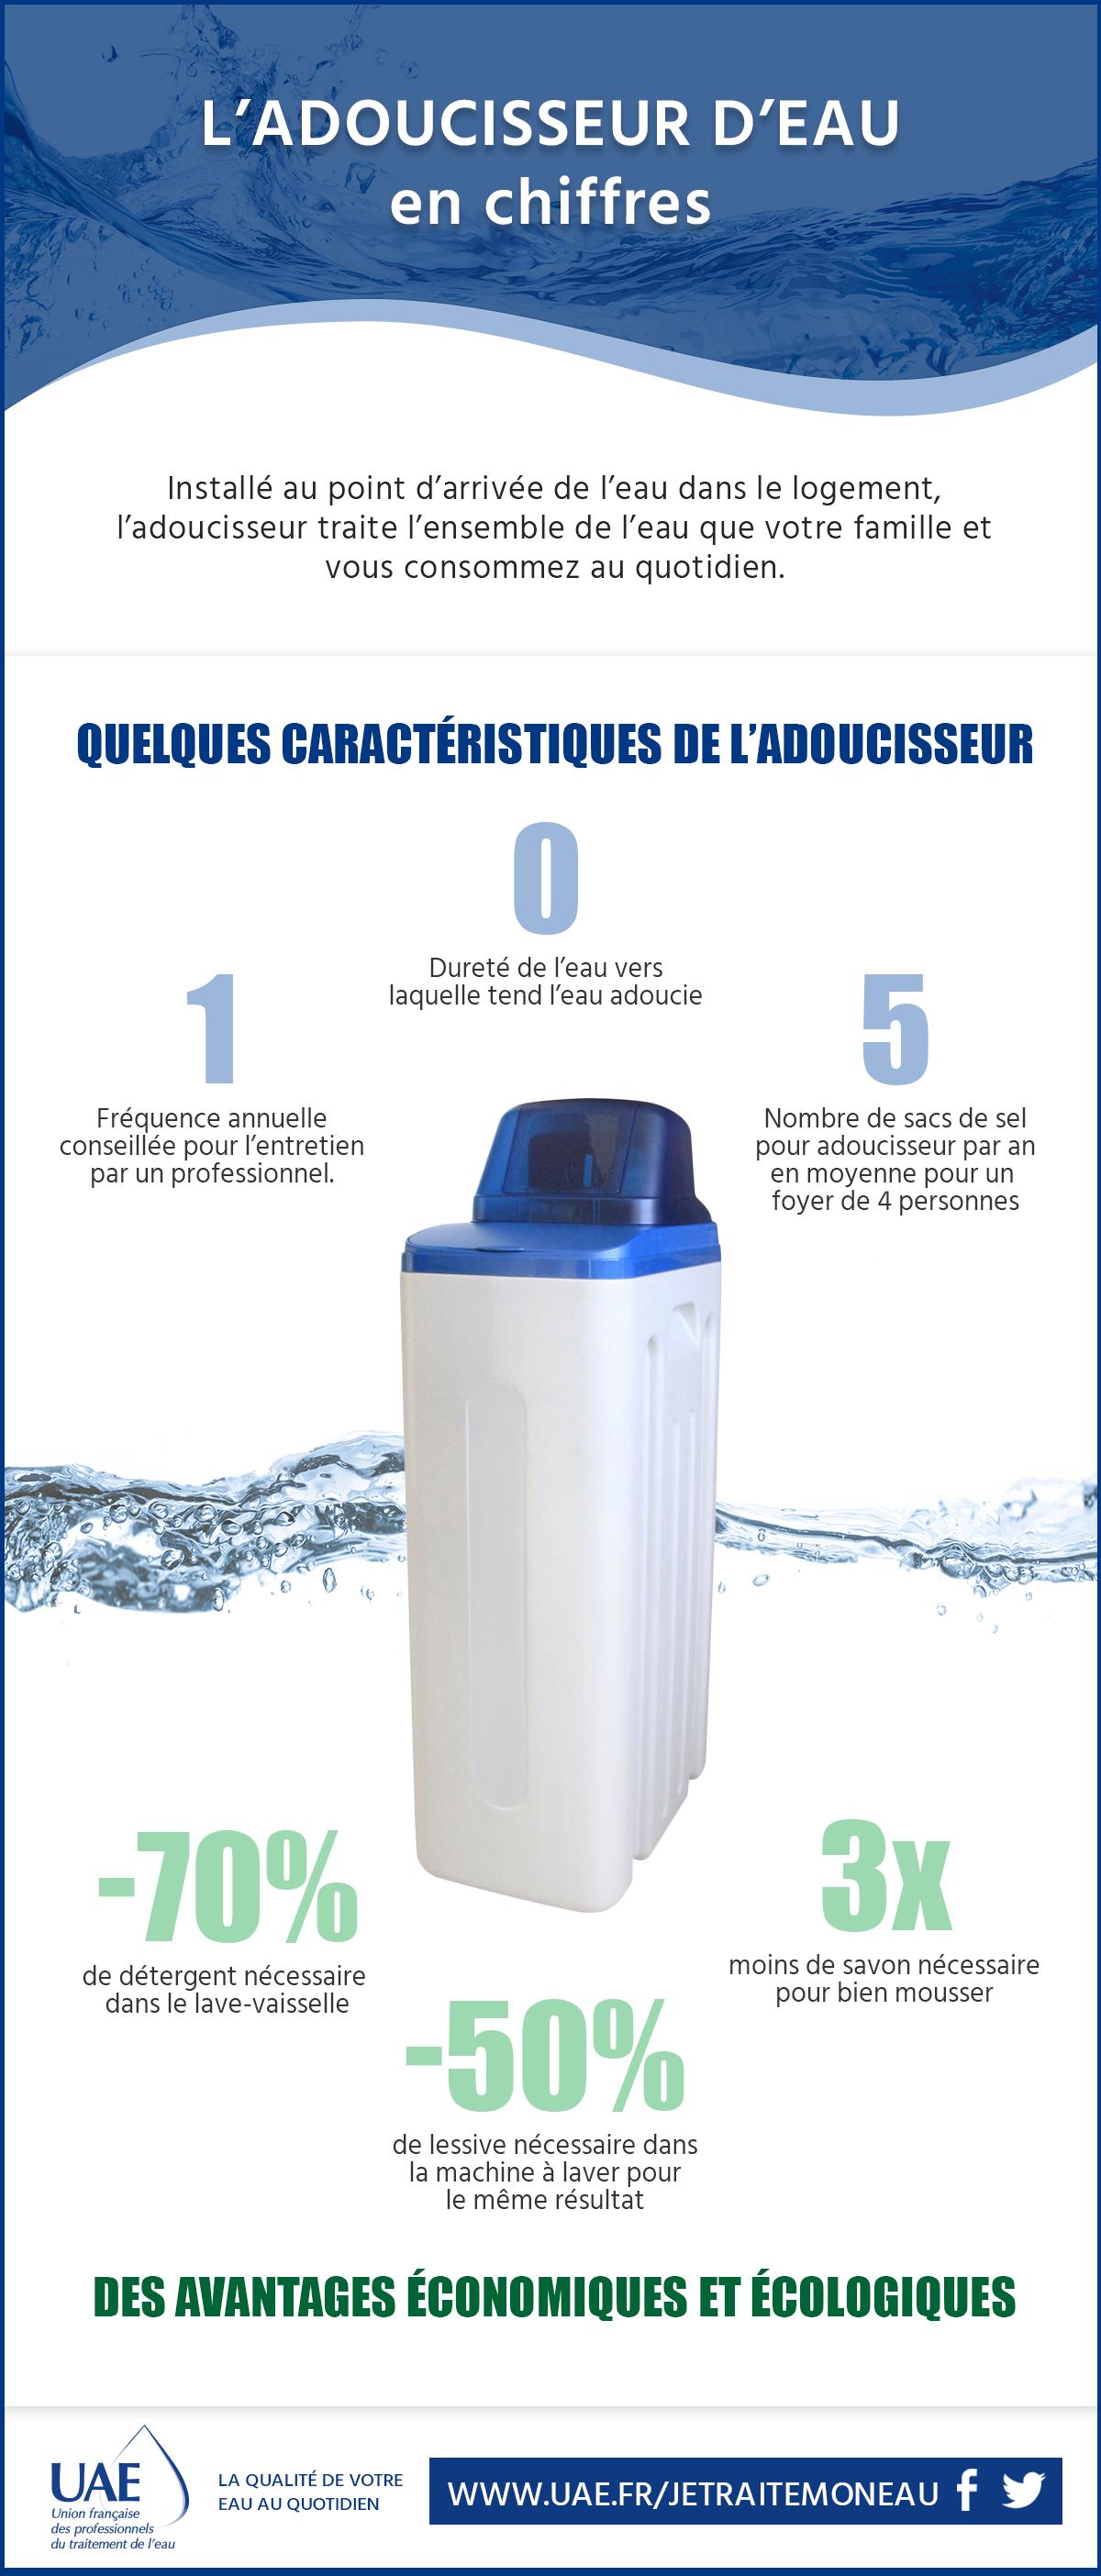 adoucisseur d'eau infographie